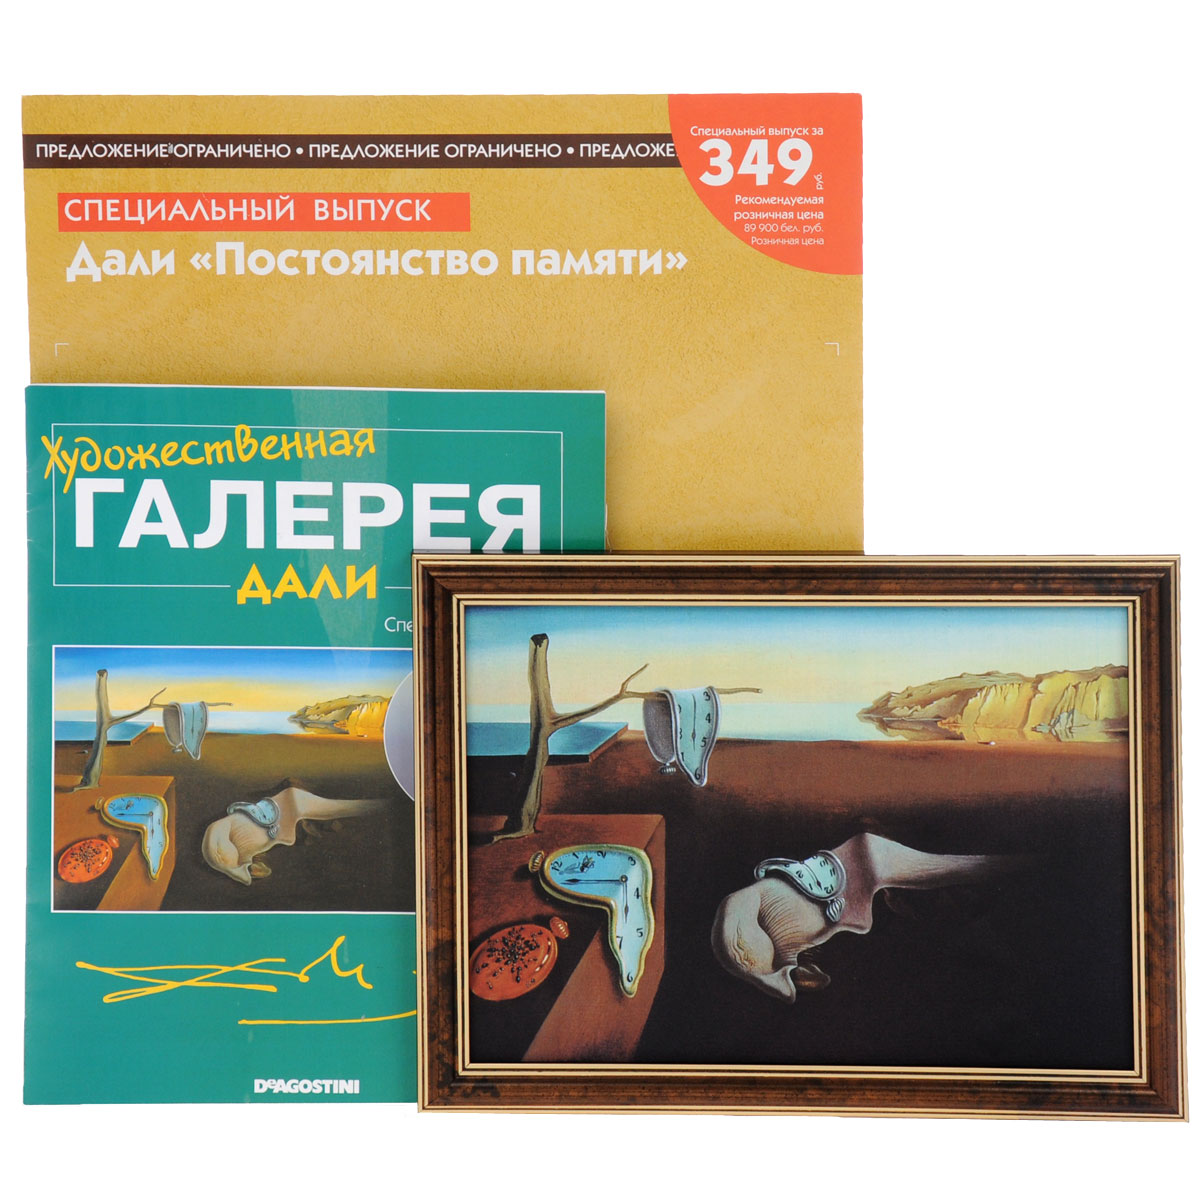 Журнал Художественная галерея. Специальный выпуск №3 антиварикозн е колготки купить тц галерея в днепропетровске